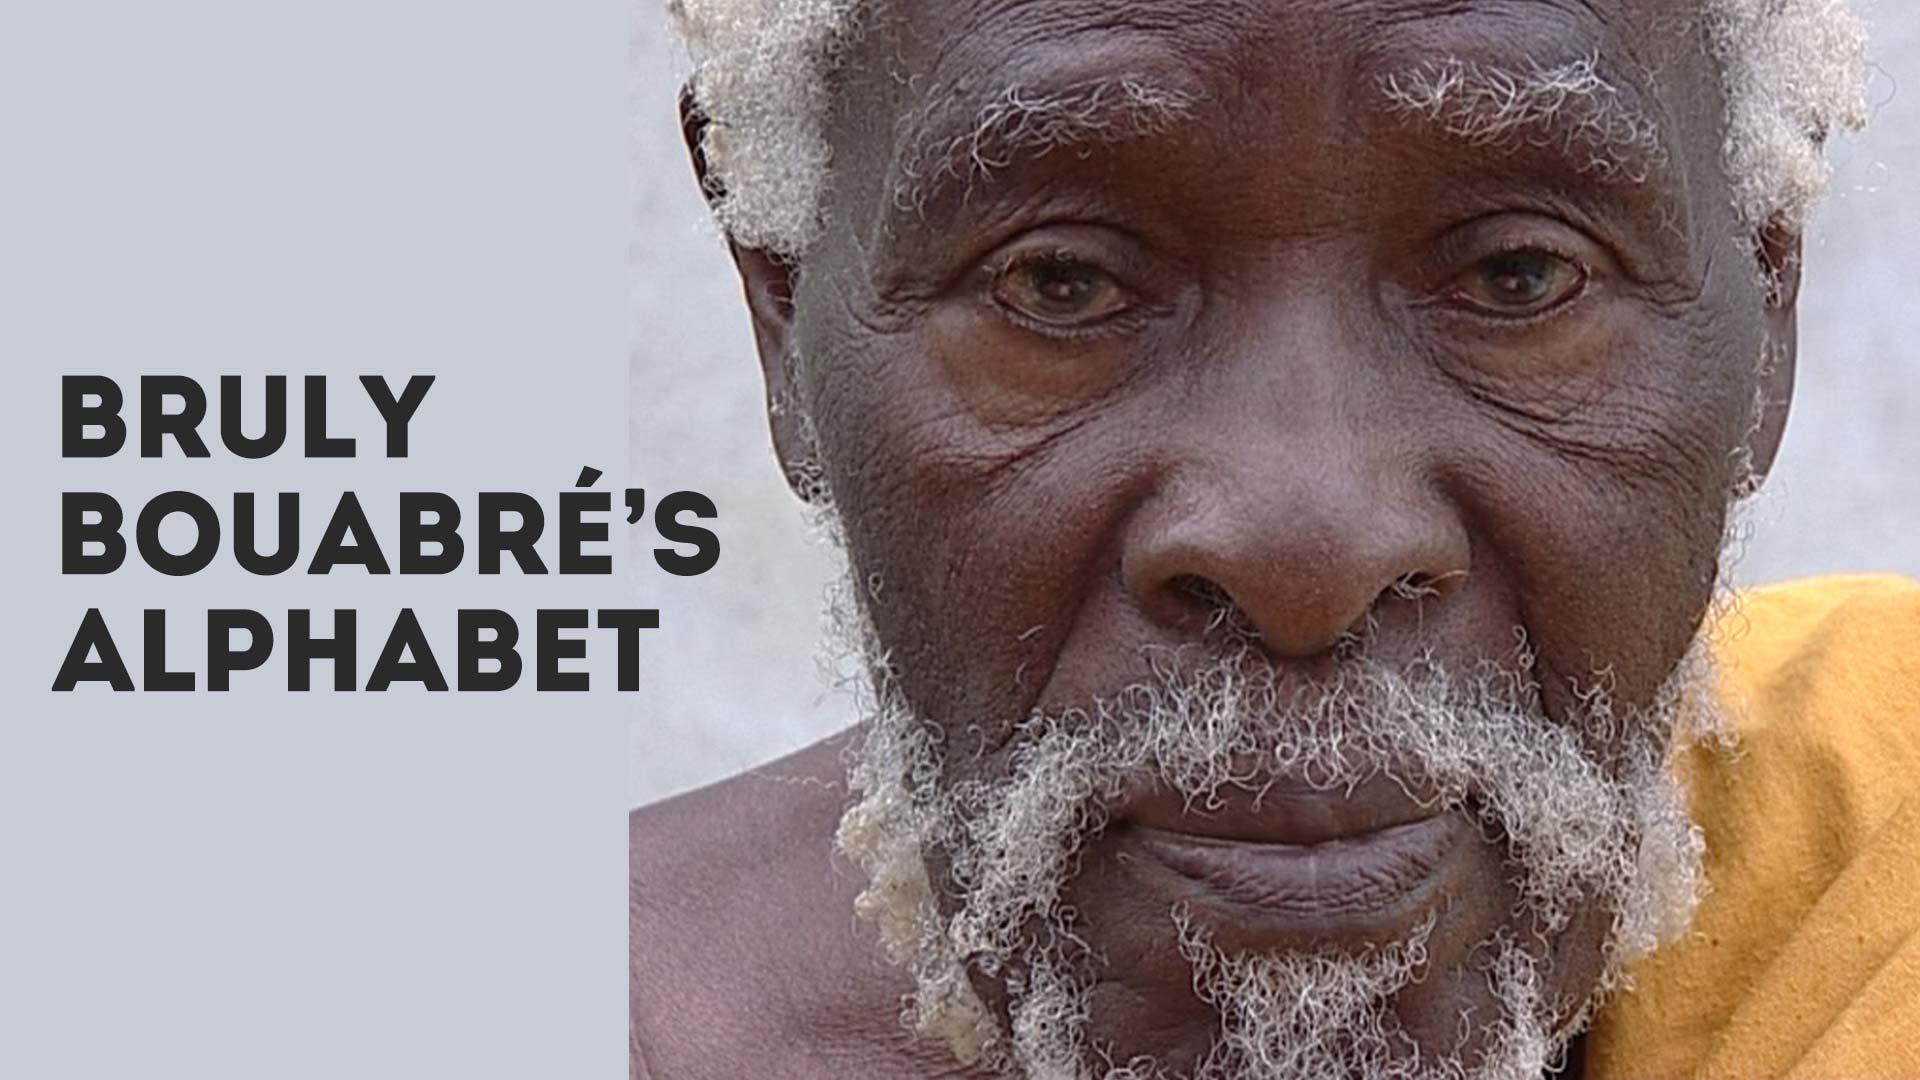 Bruly Bouabré's Alphabet - image